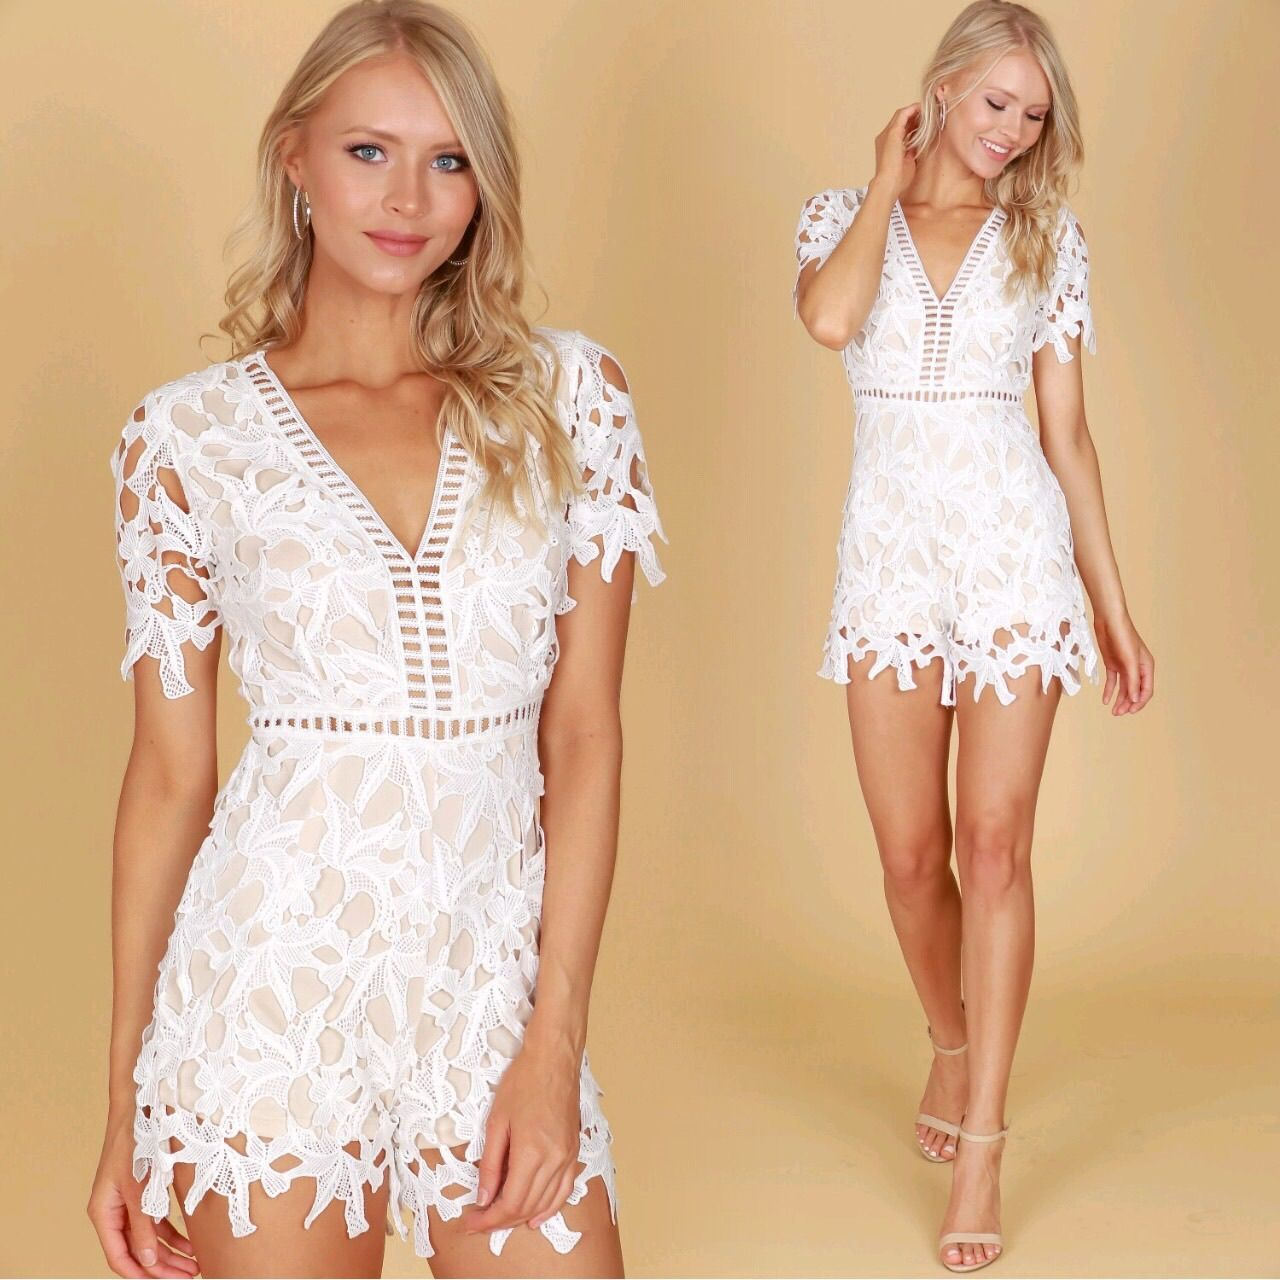 Complete Lace Romper Off White ($38.99)